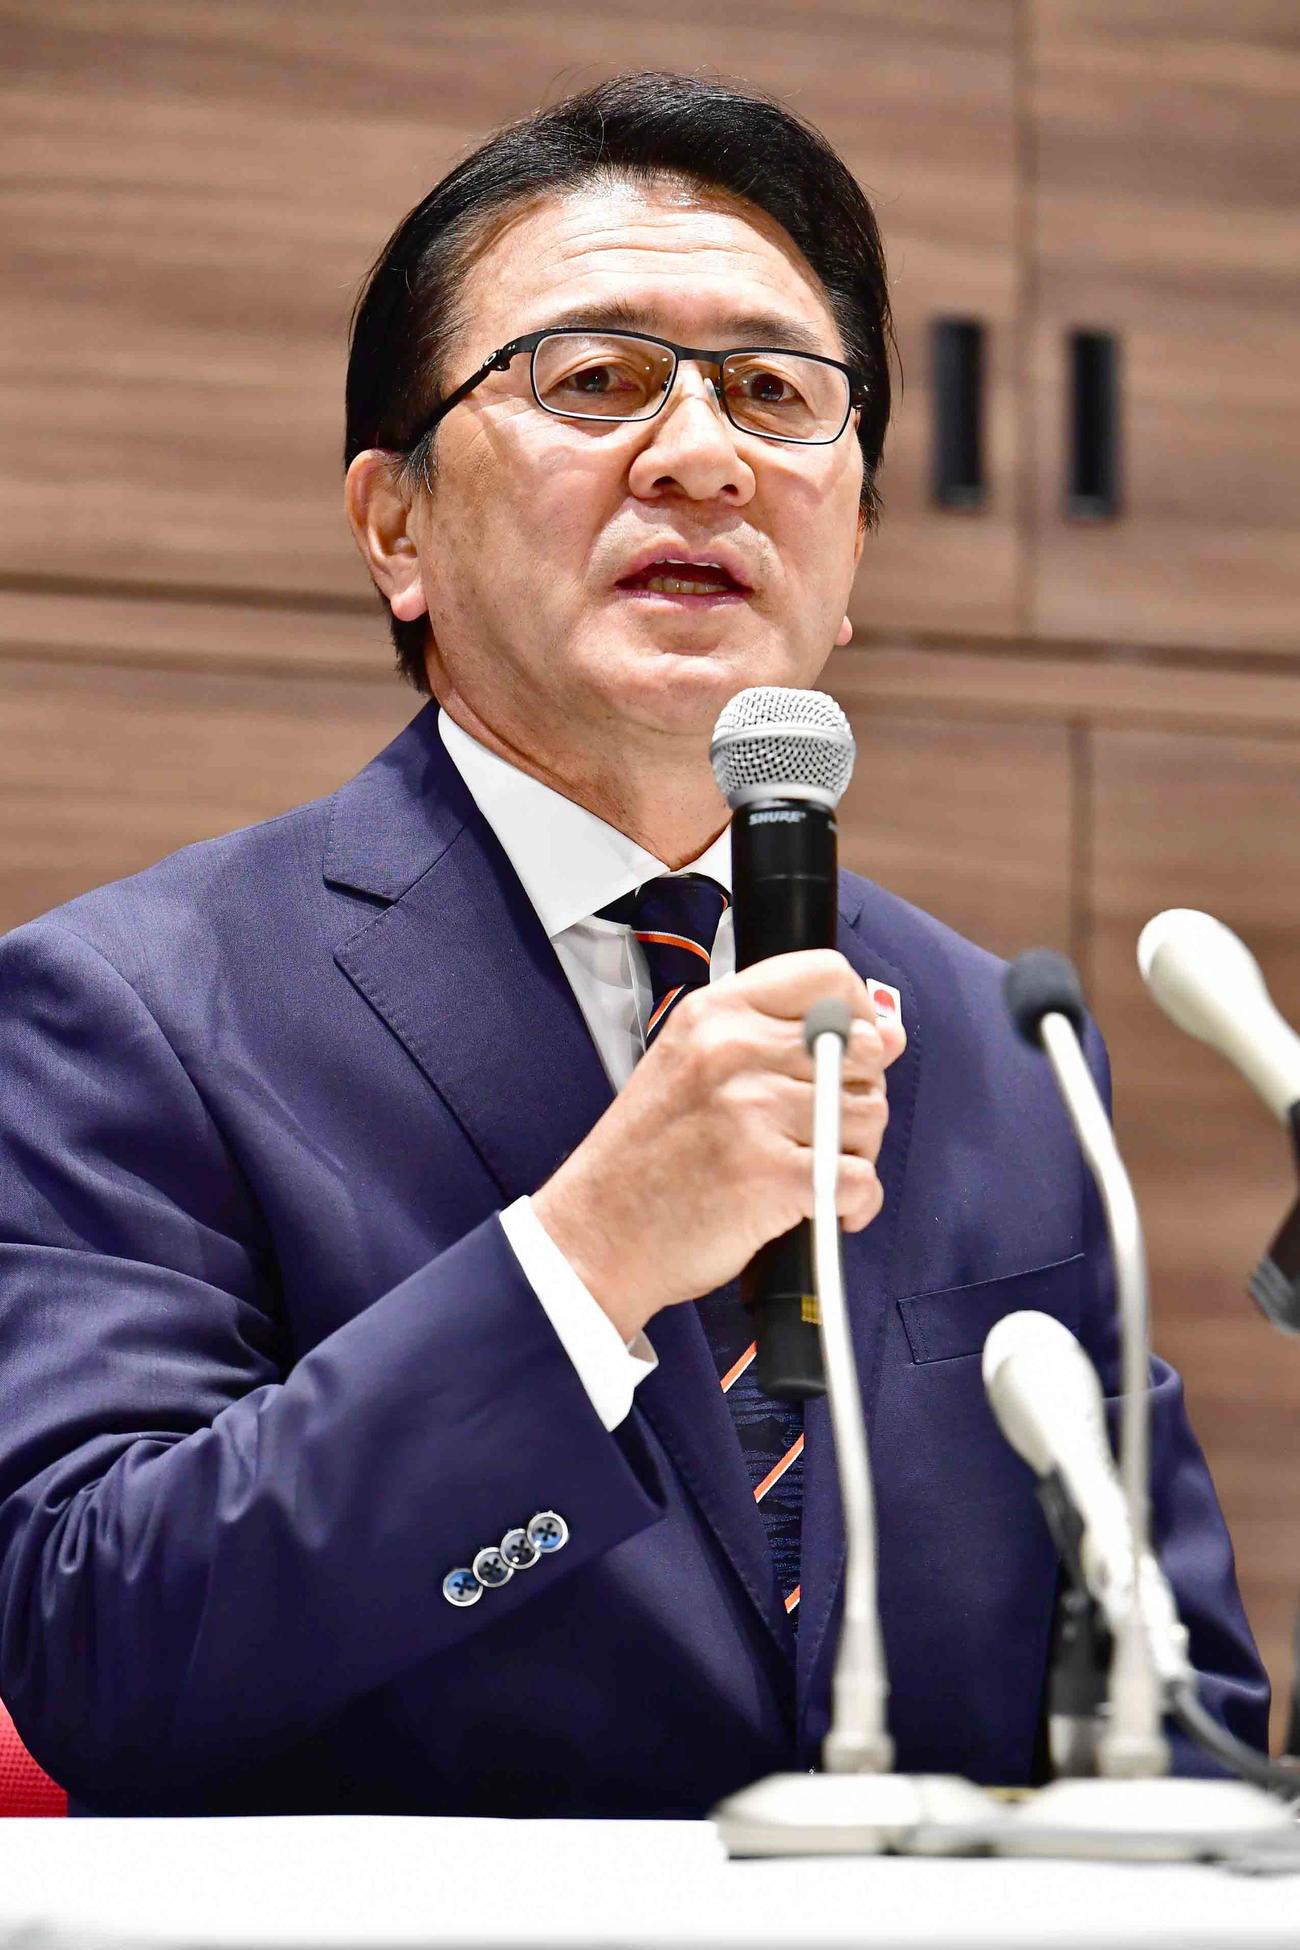 日本陸連の強化委員会マラソン強化戦略プロジェクトリーダー瀬古氏(2019年11月5日撮影)